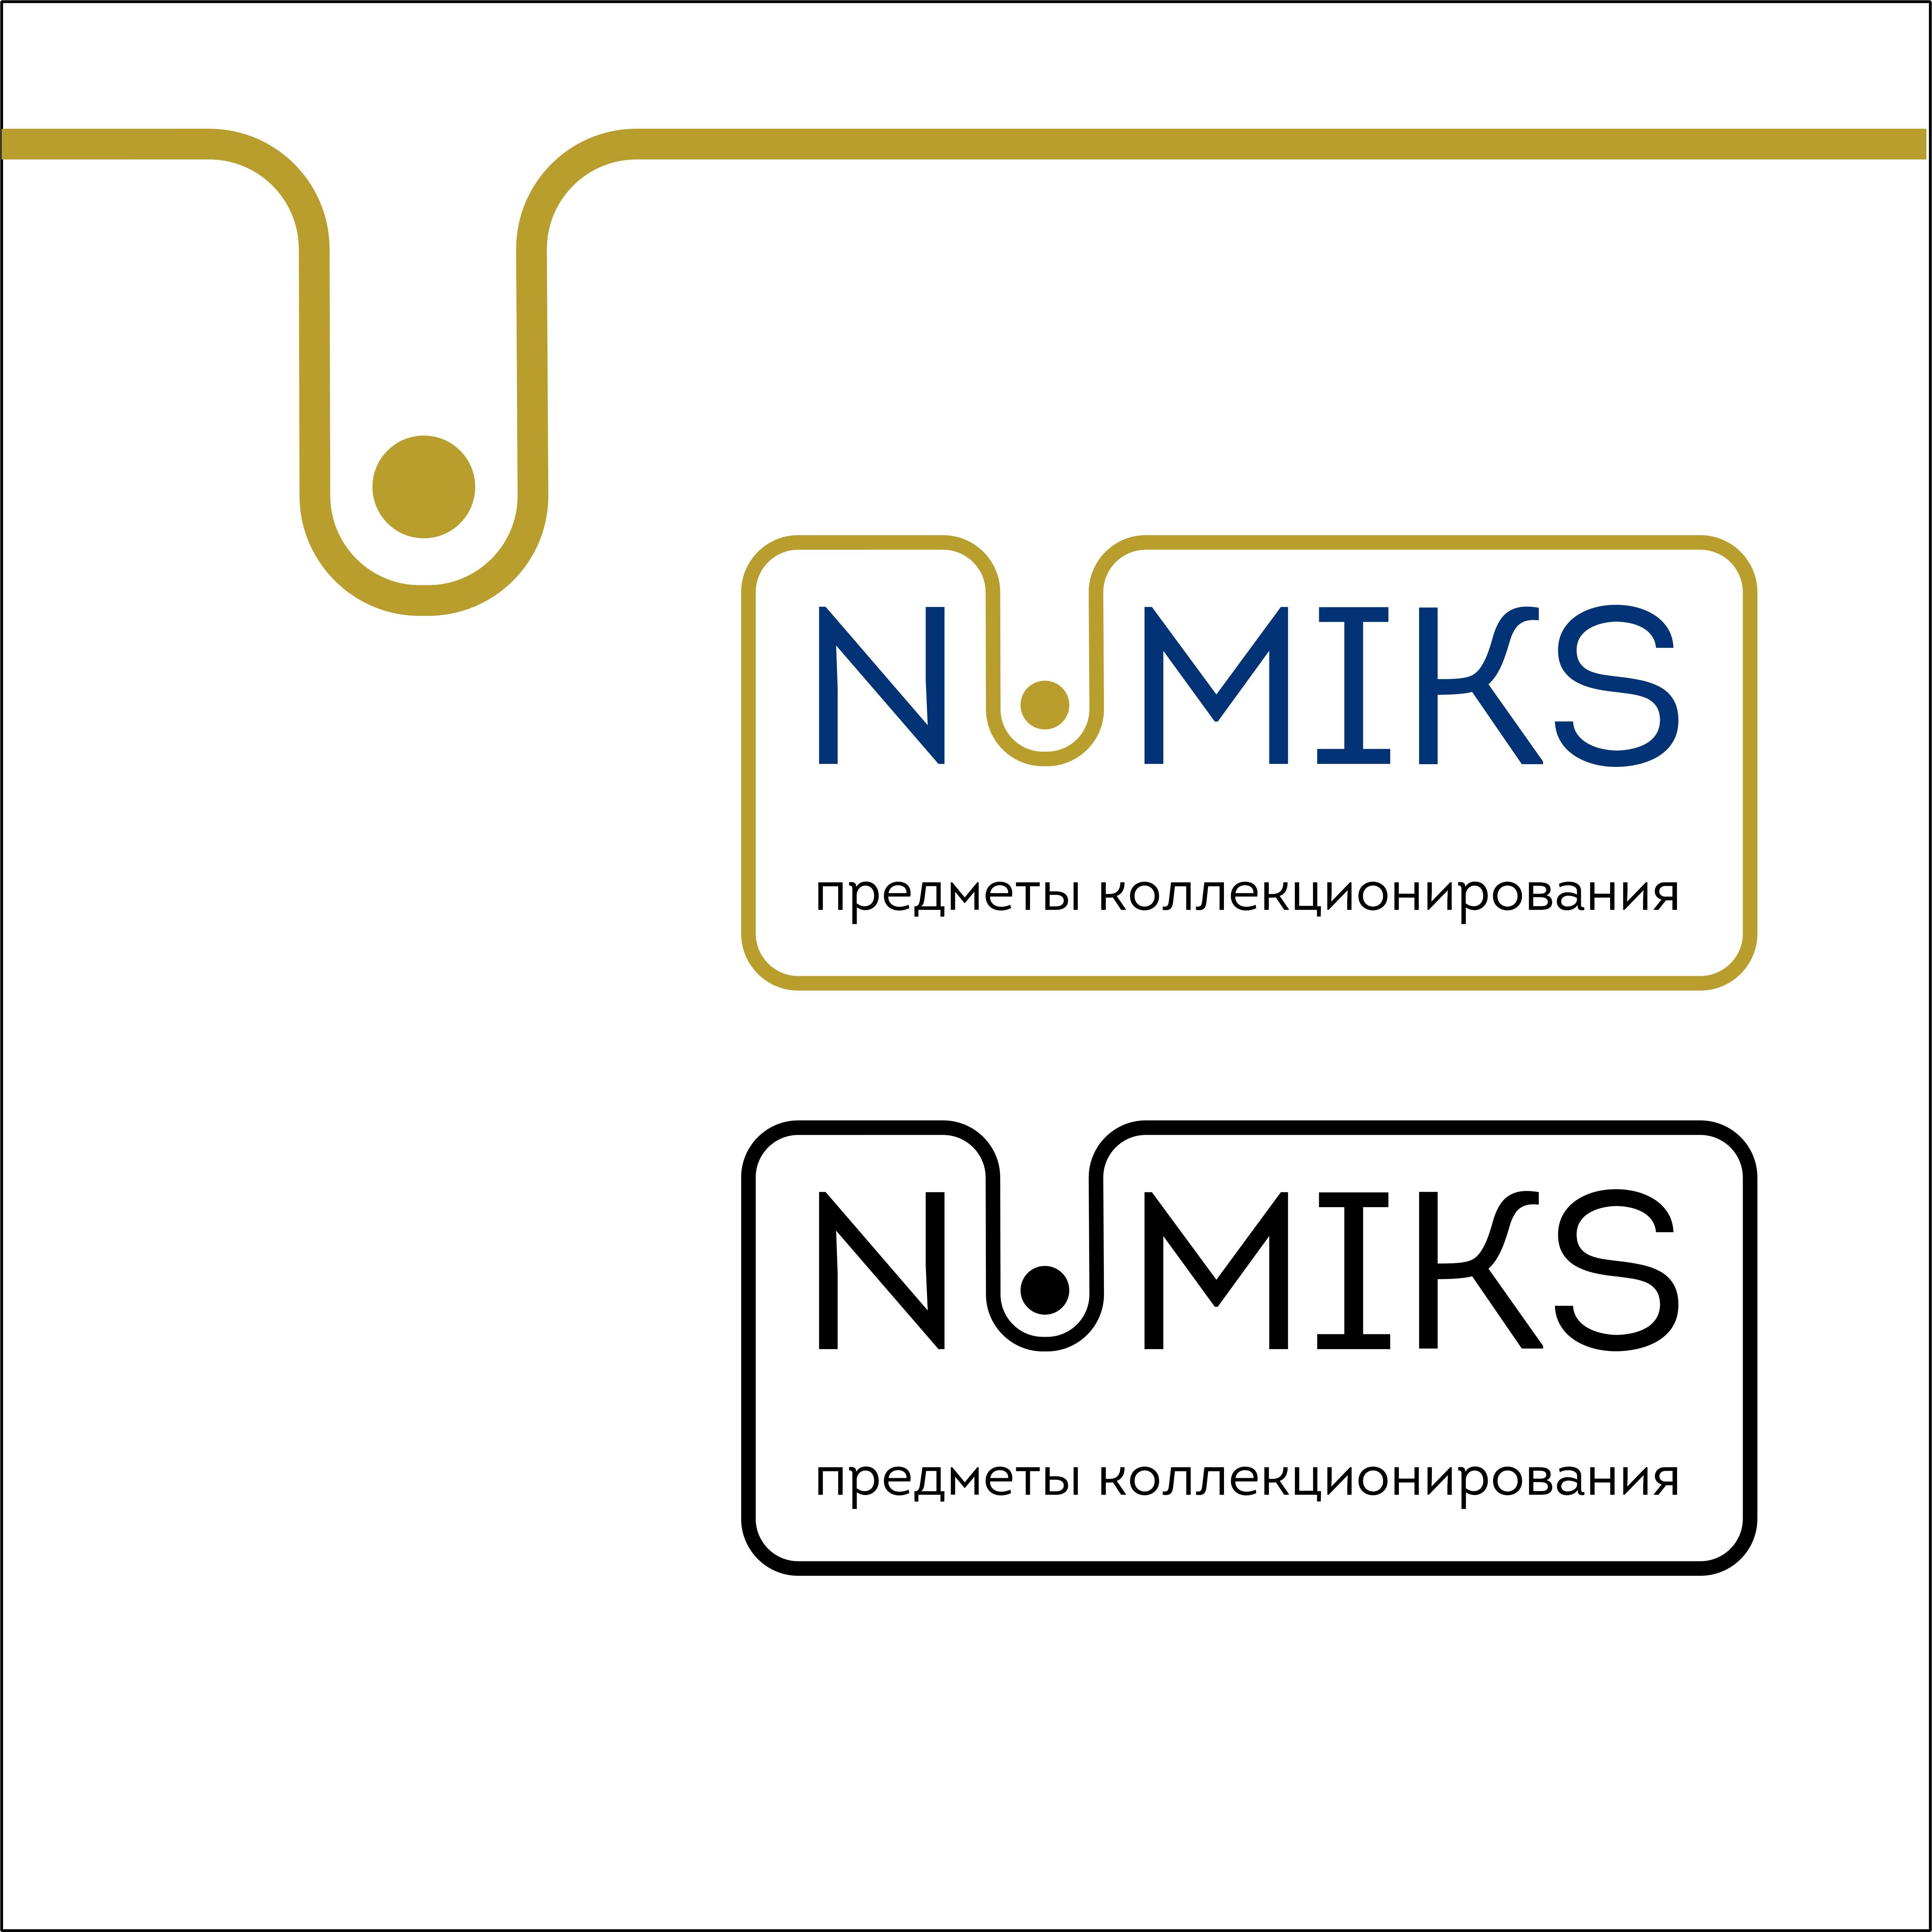 Логотип для интернет-магазина фото f_5935ecba1142b507.jpg